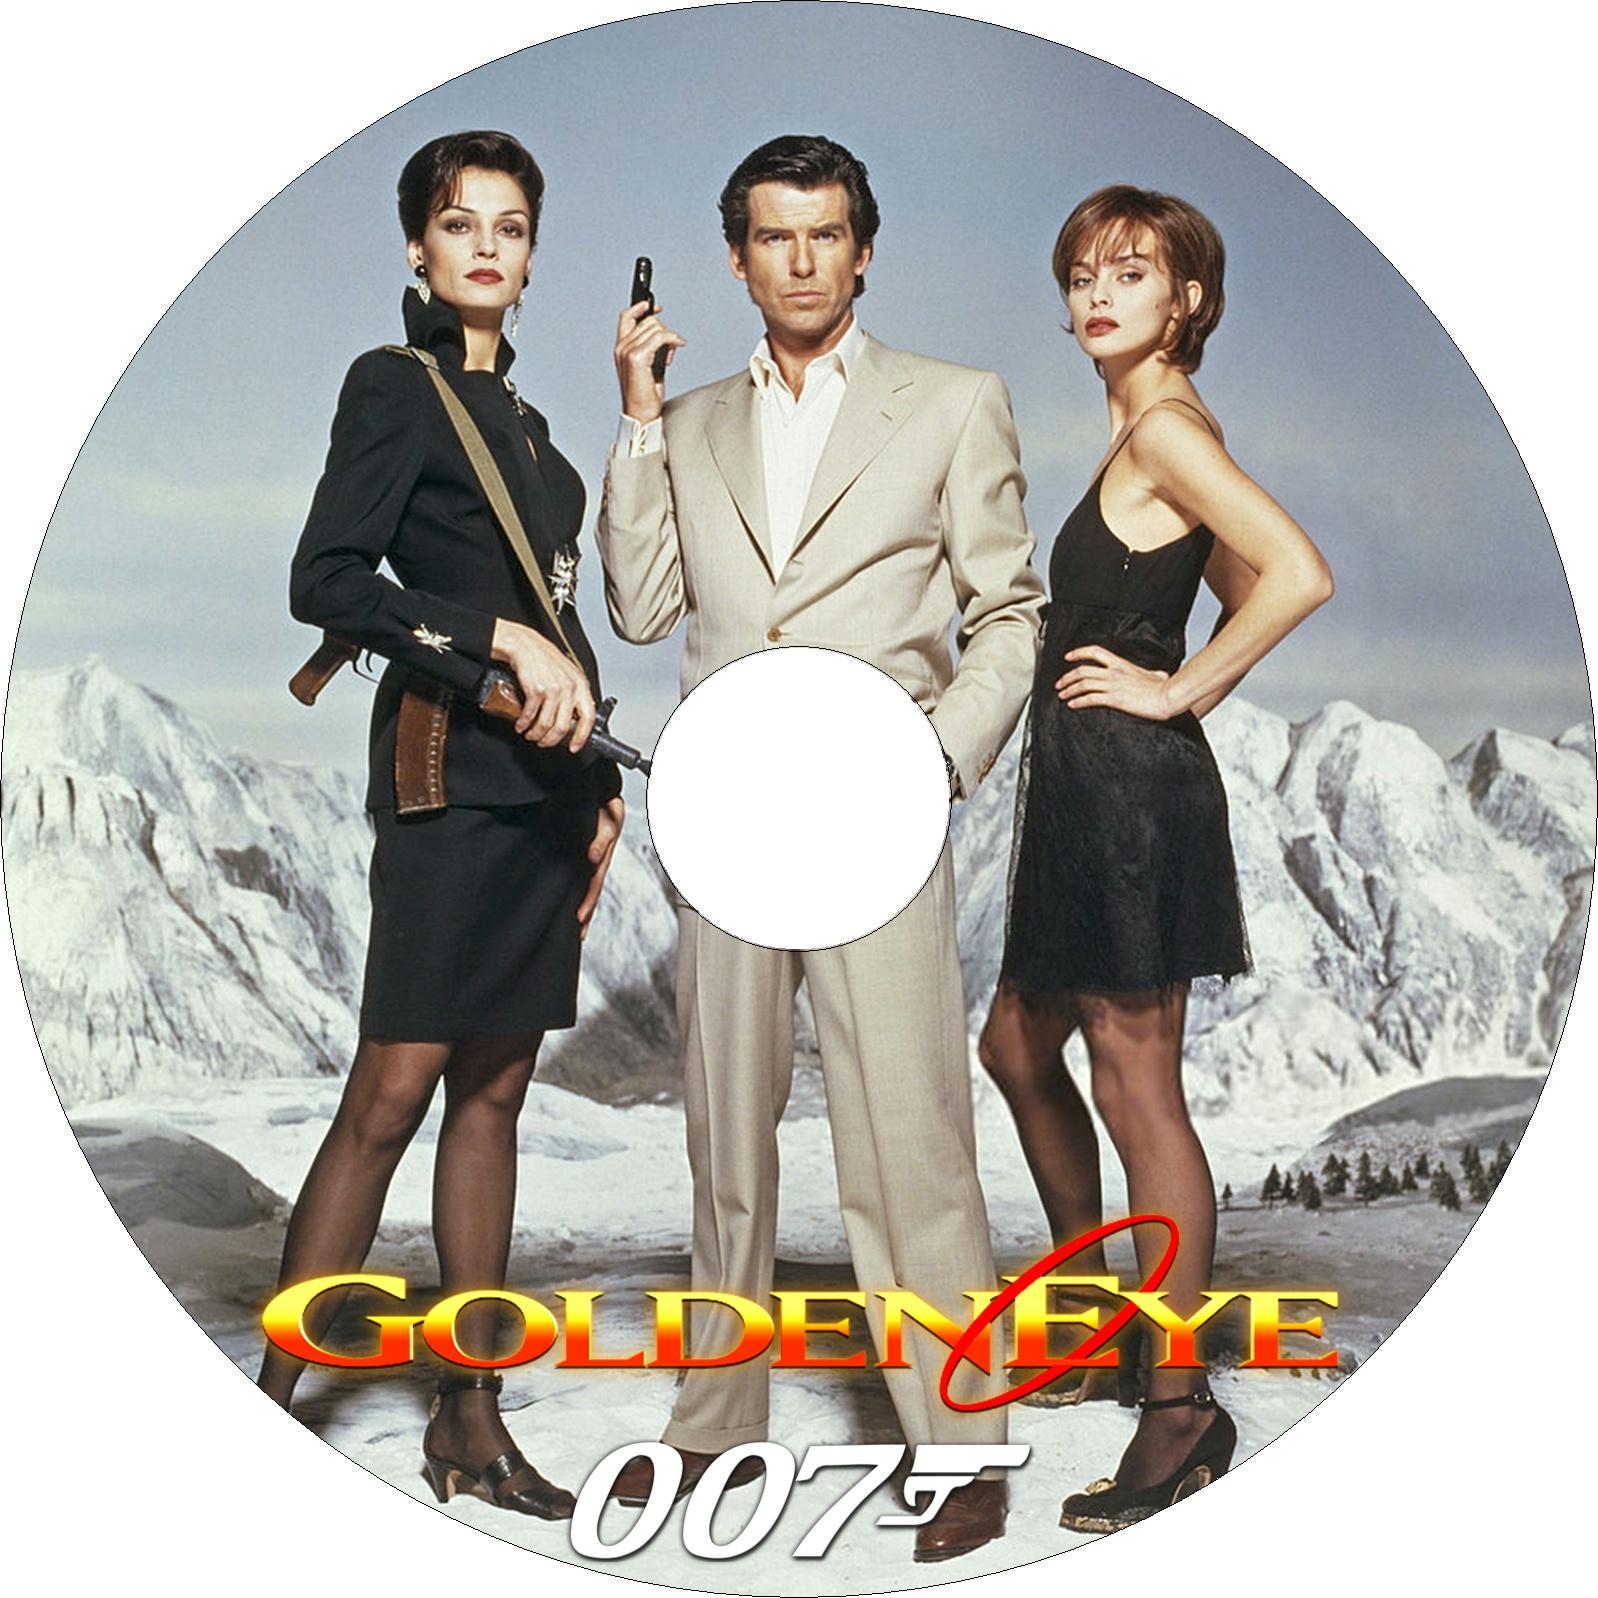 007 ゴールデンアイ ラベル